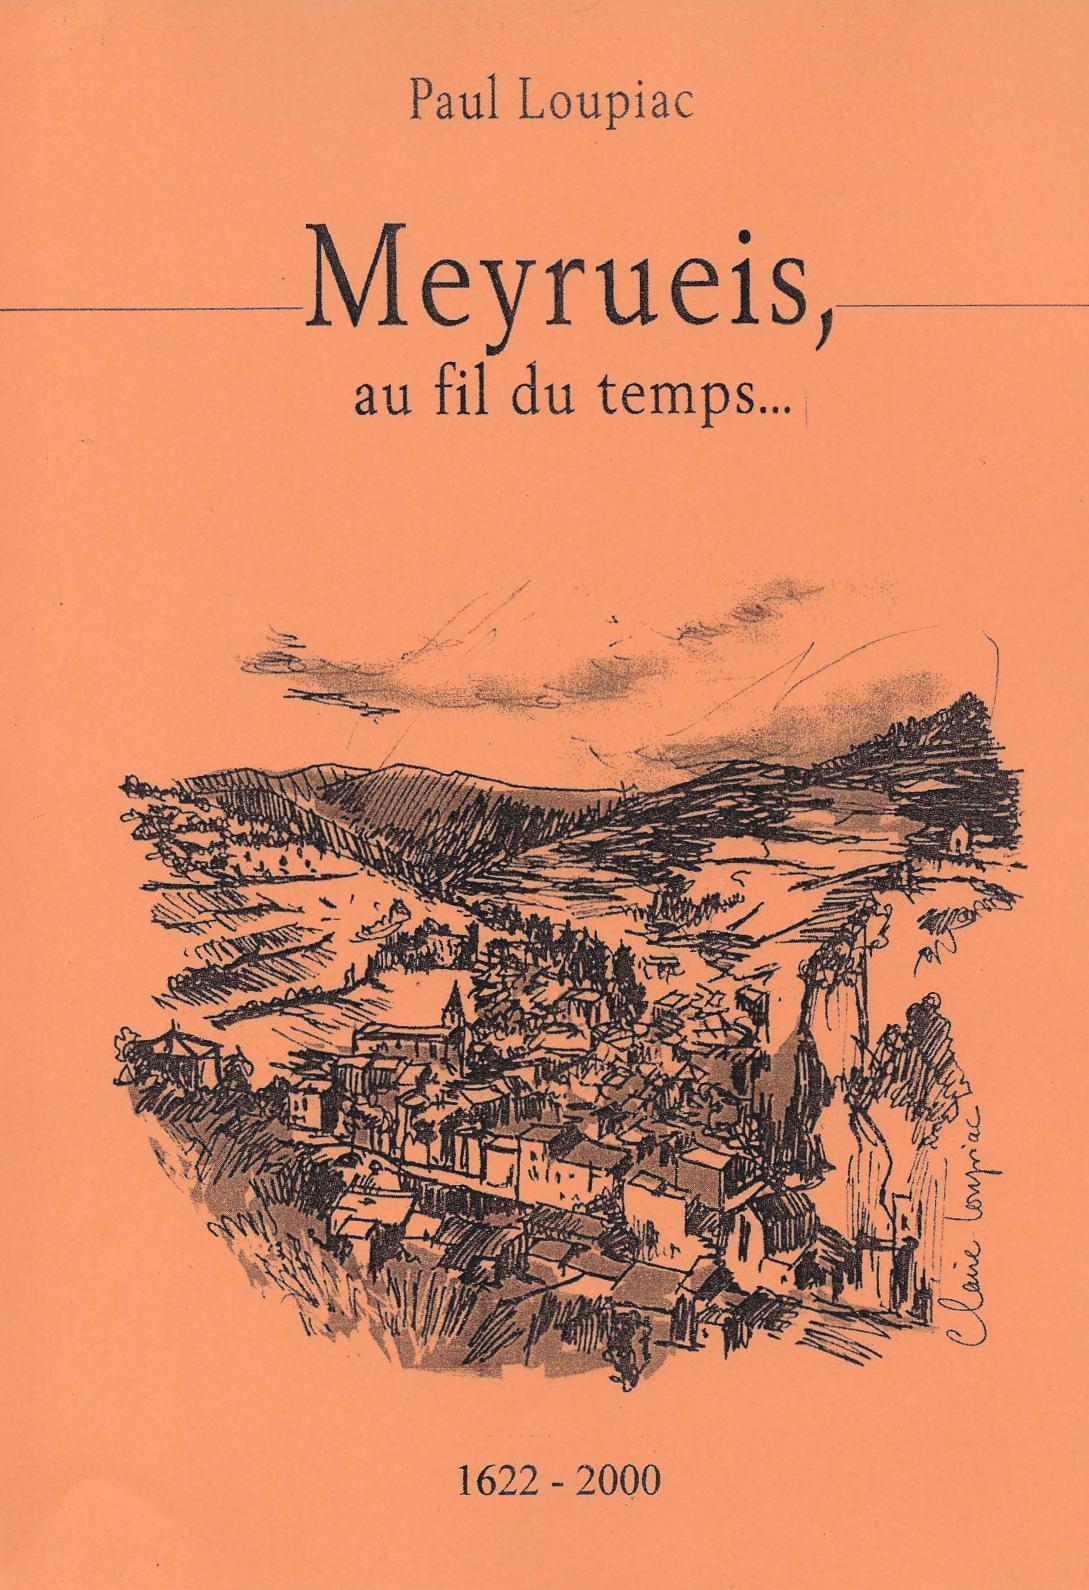 Meyrueis au fil du temps, 1622-2000 / Edition 2008